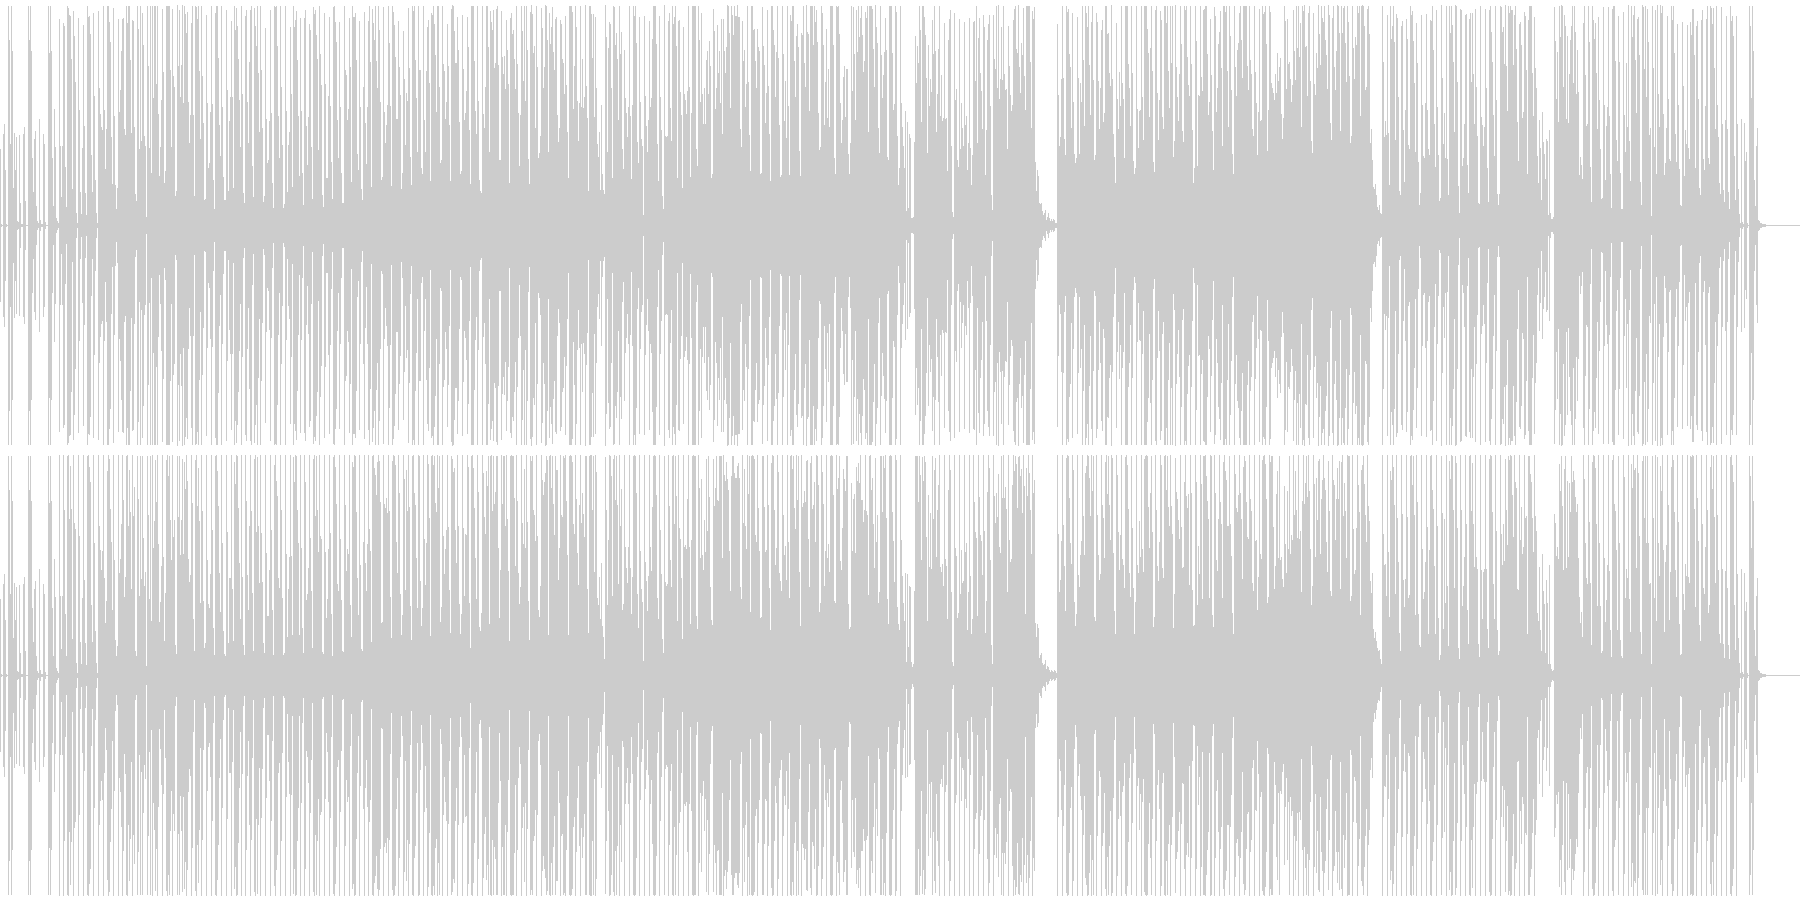 都会的ロートーンな(テック)ハウスEDMの未再生の波形